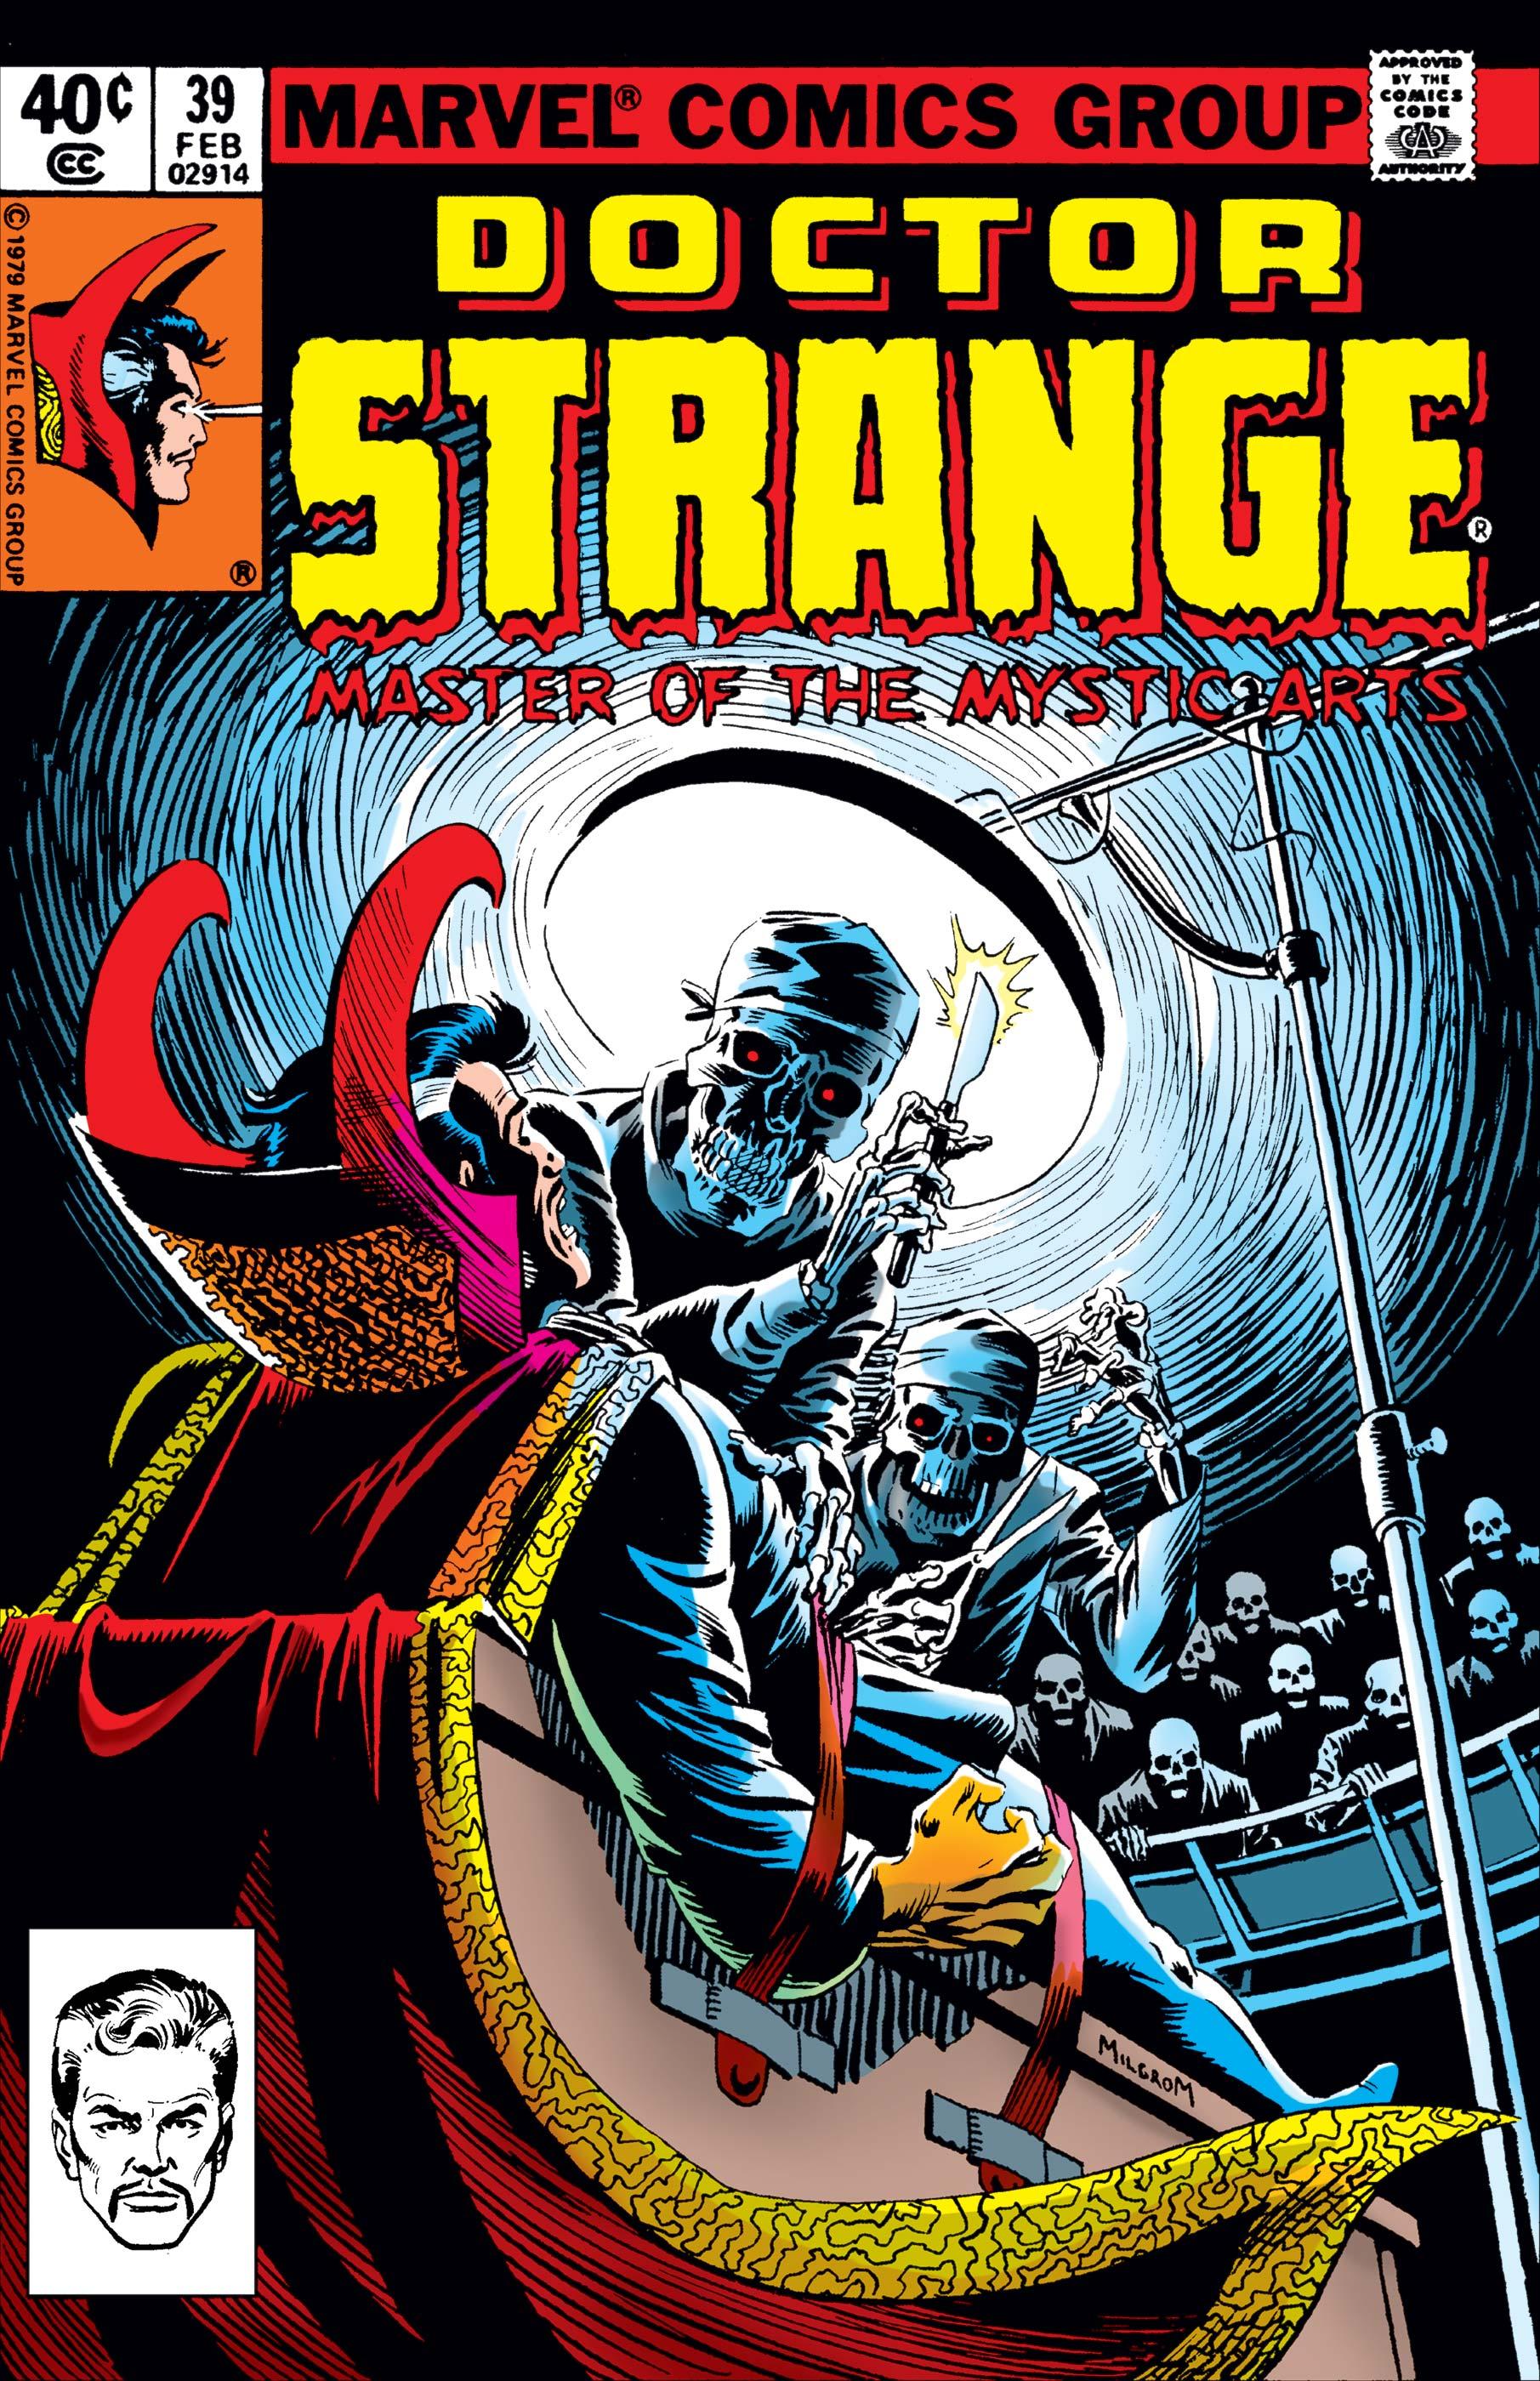 Doctor Strange (1974) #39